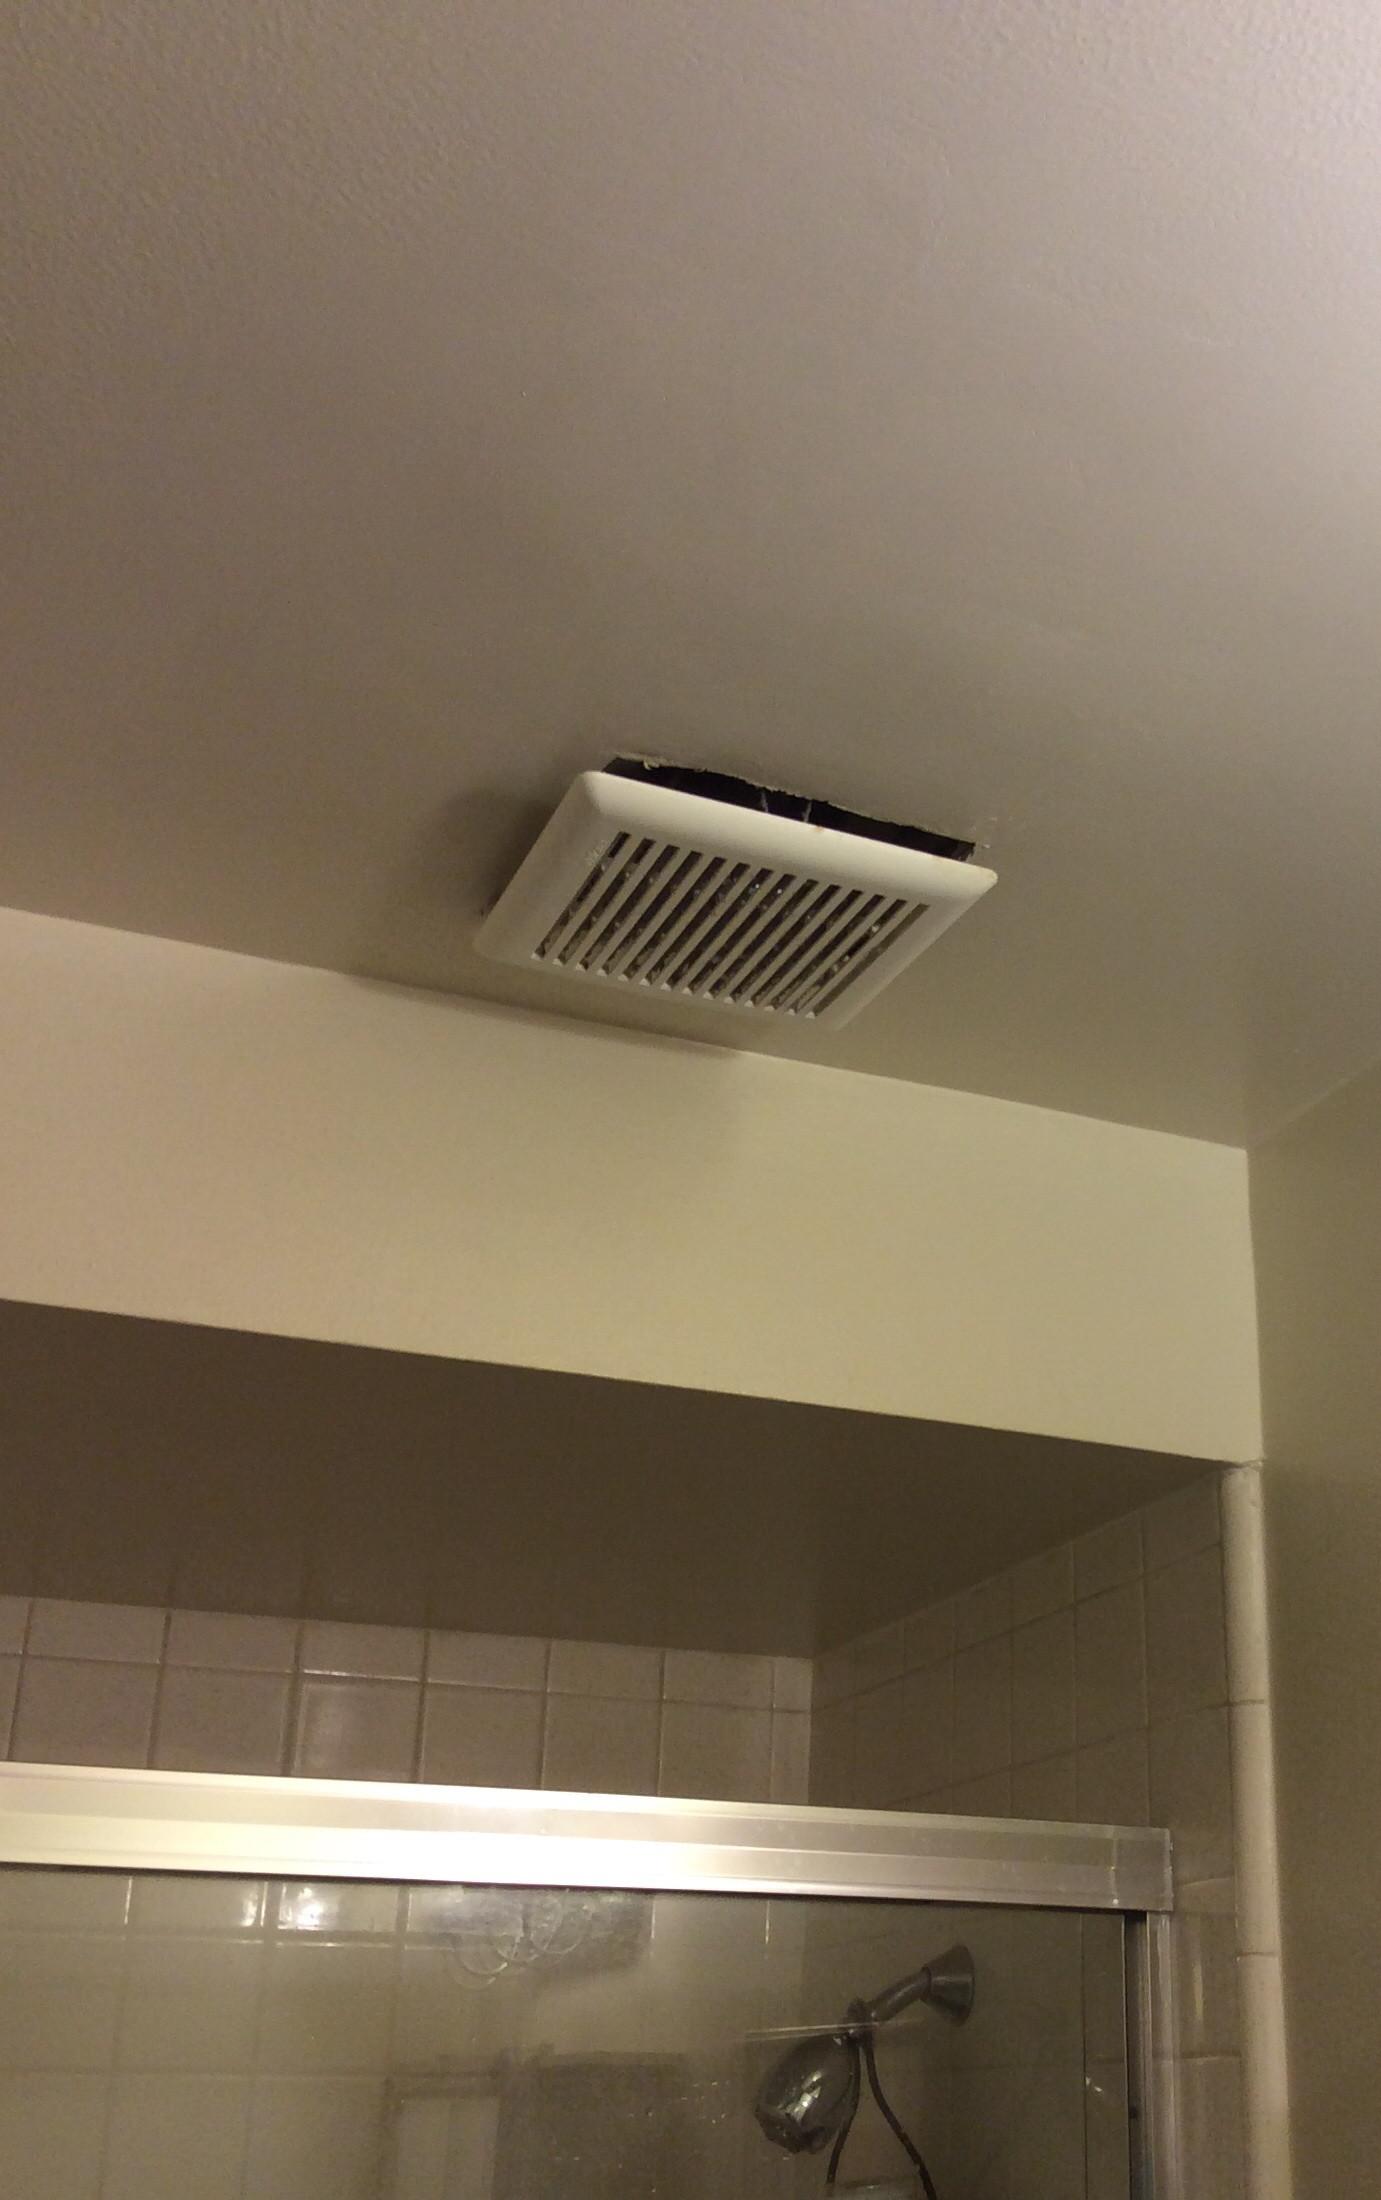 exhaust fan cover to hang below